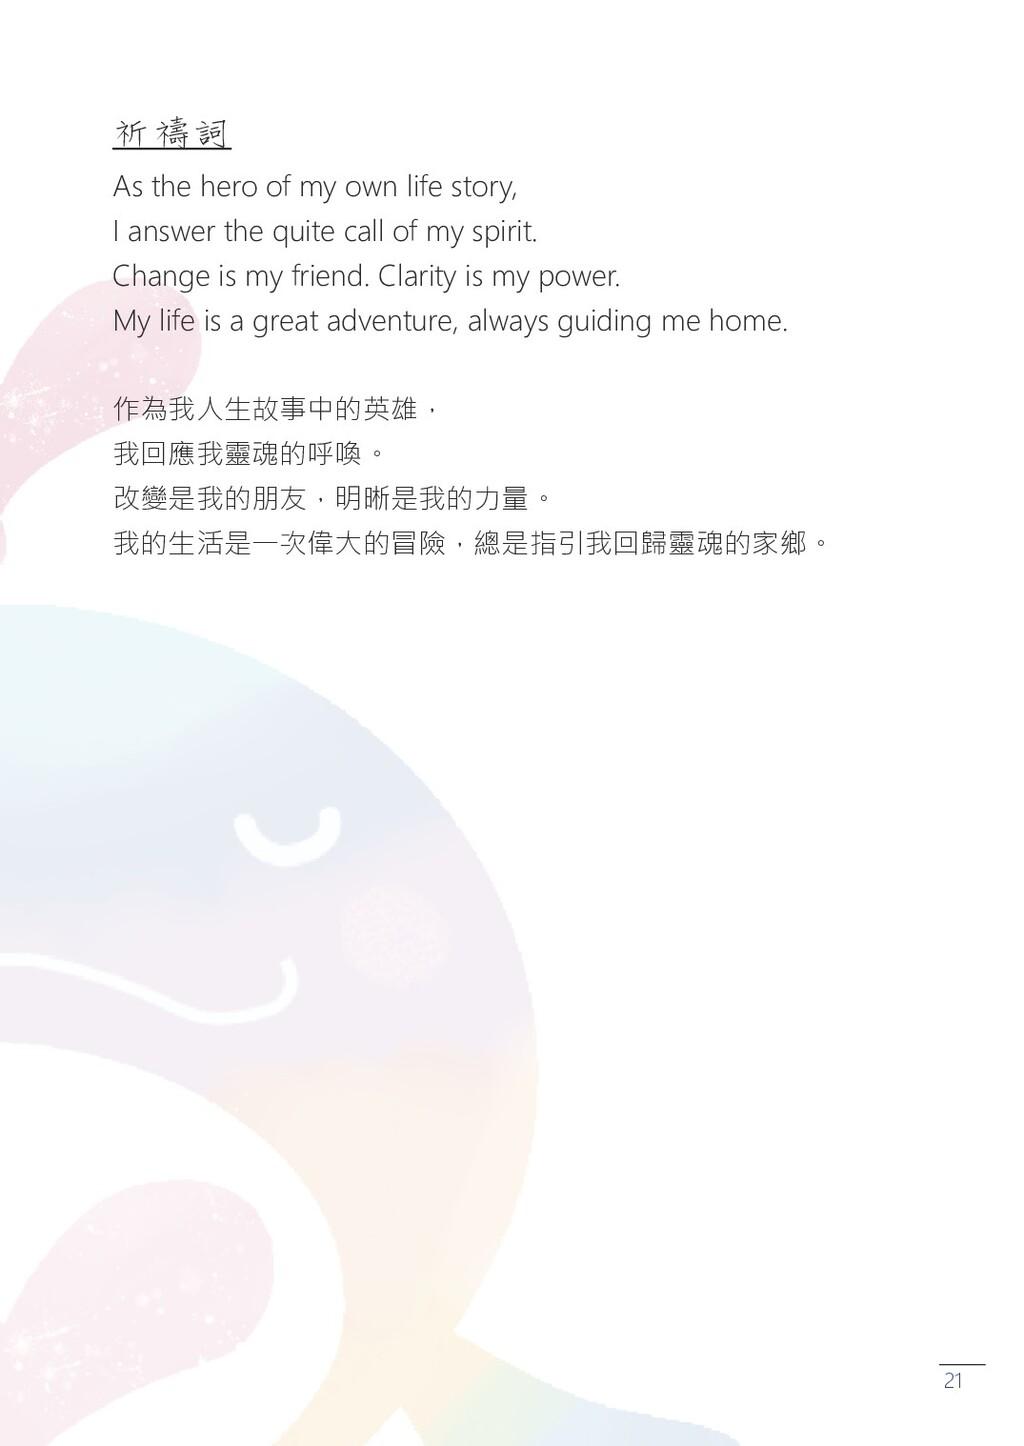 21 祈禱詞 As the hero of my own life story, I answ...